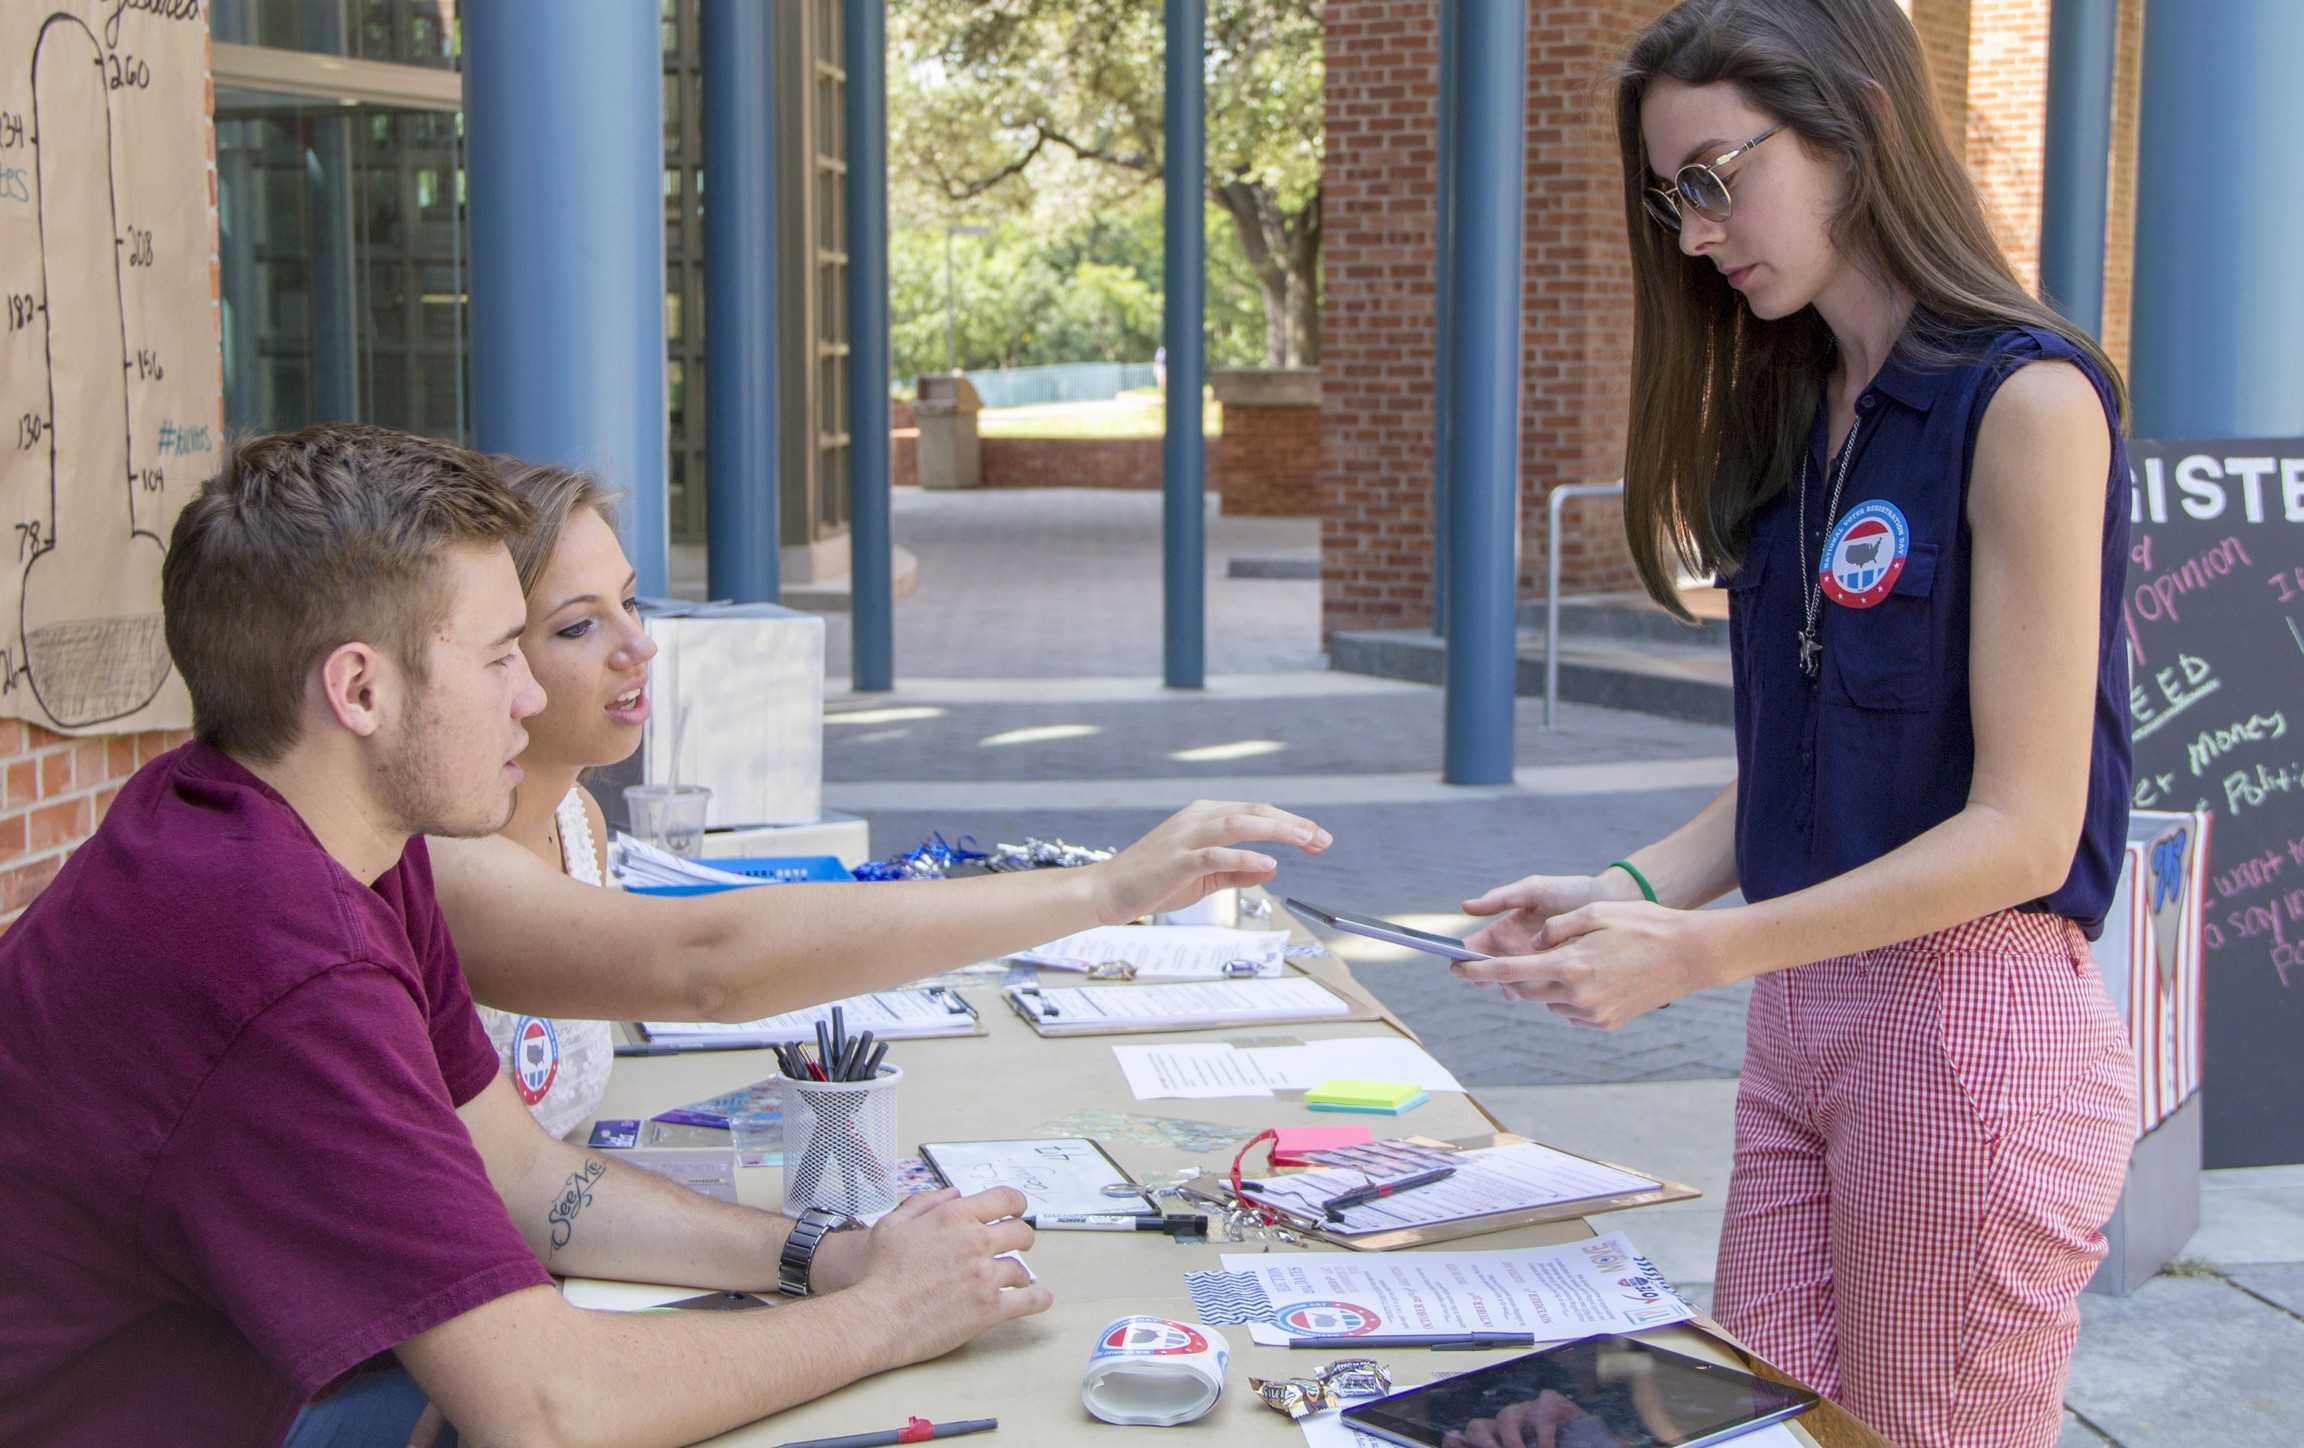 Register to vote. Photo taken by MaryVanderbloemen.